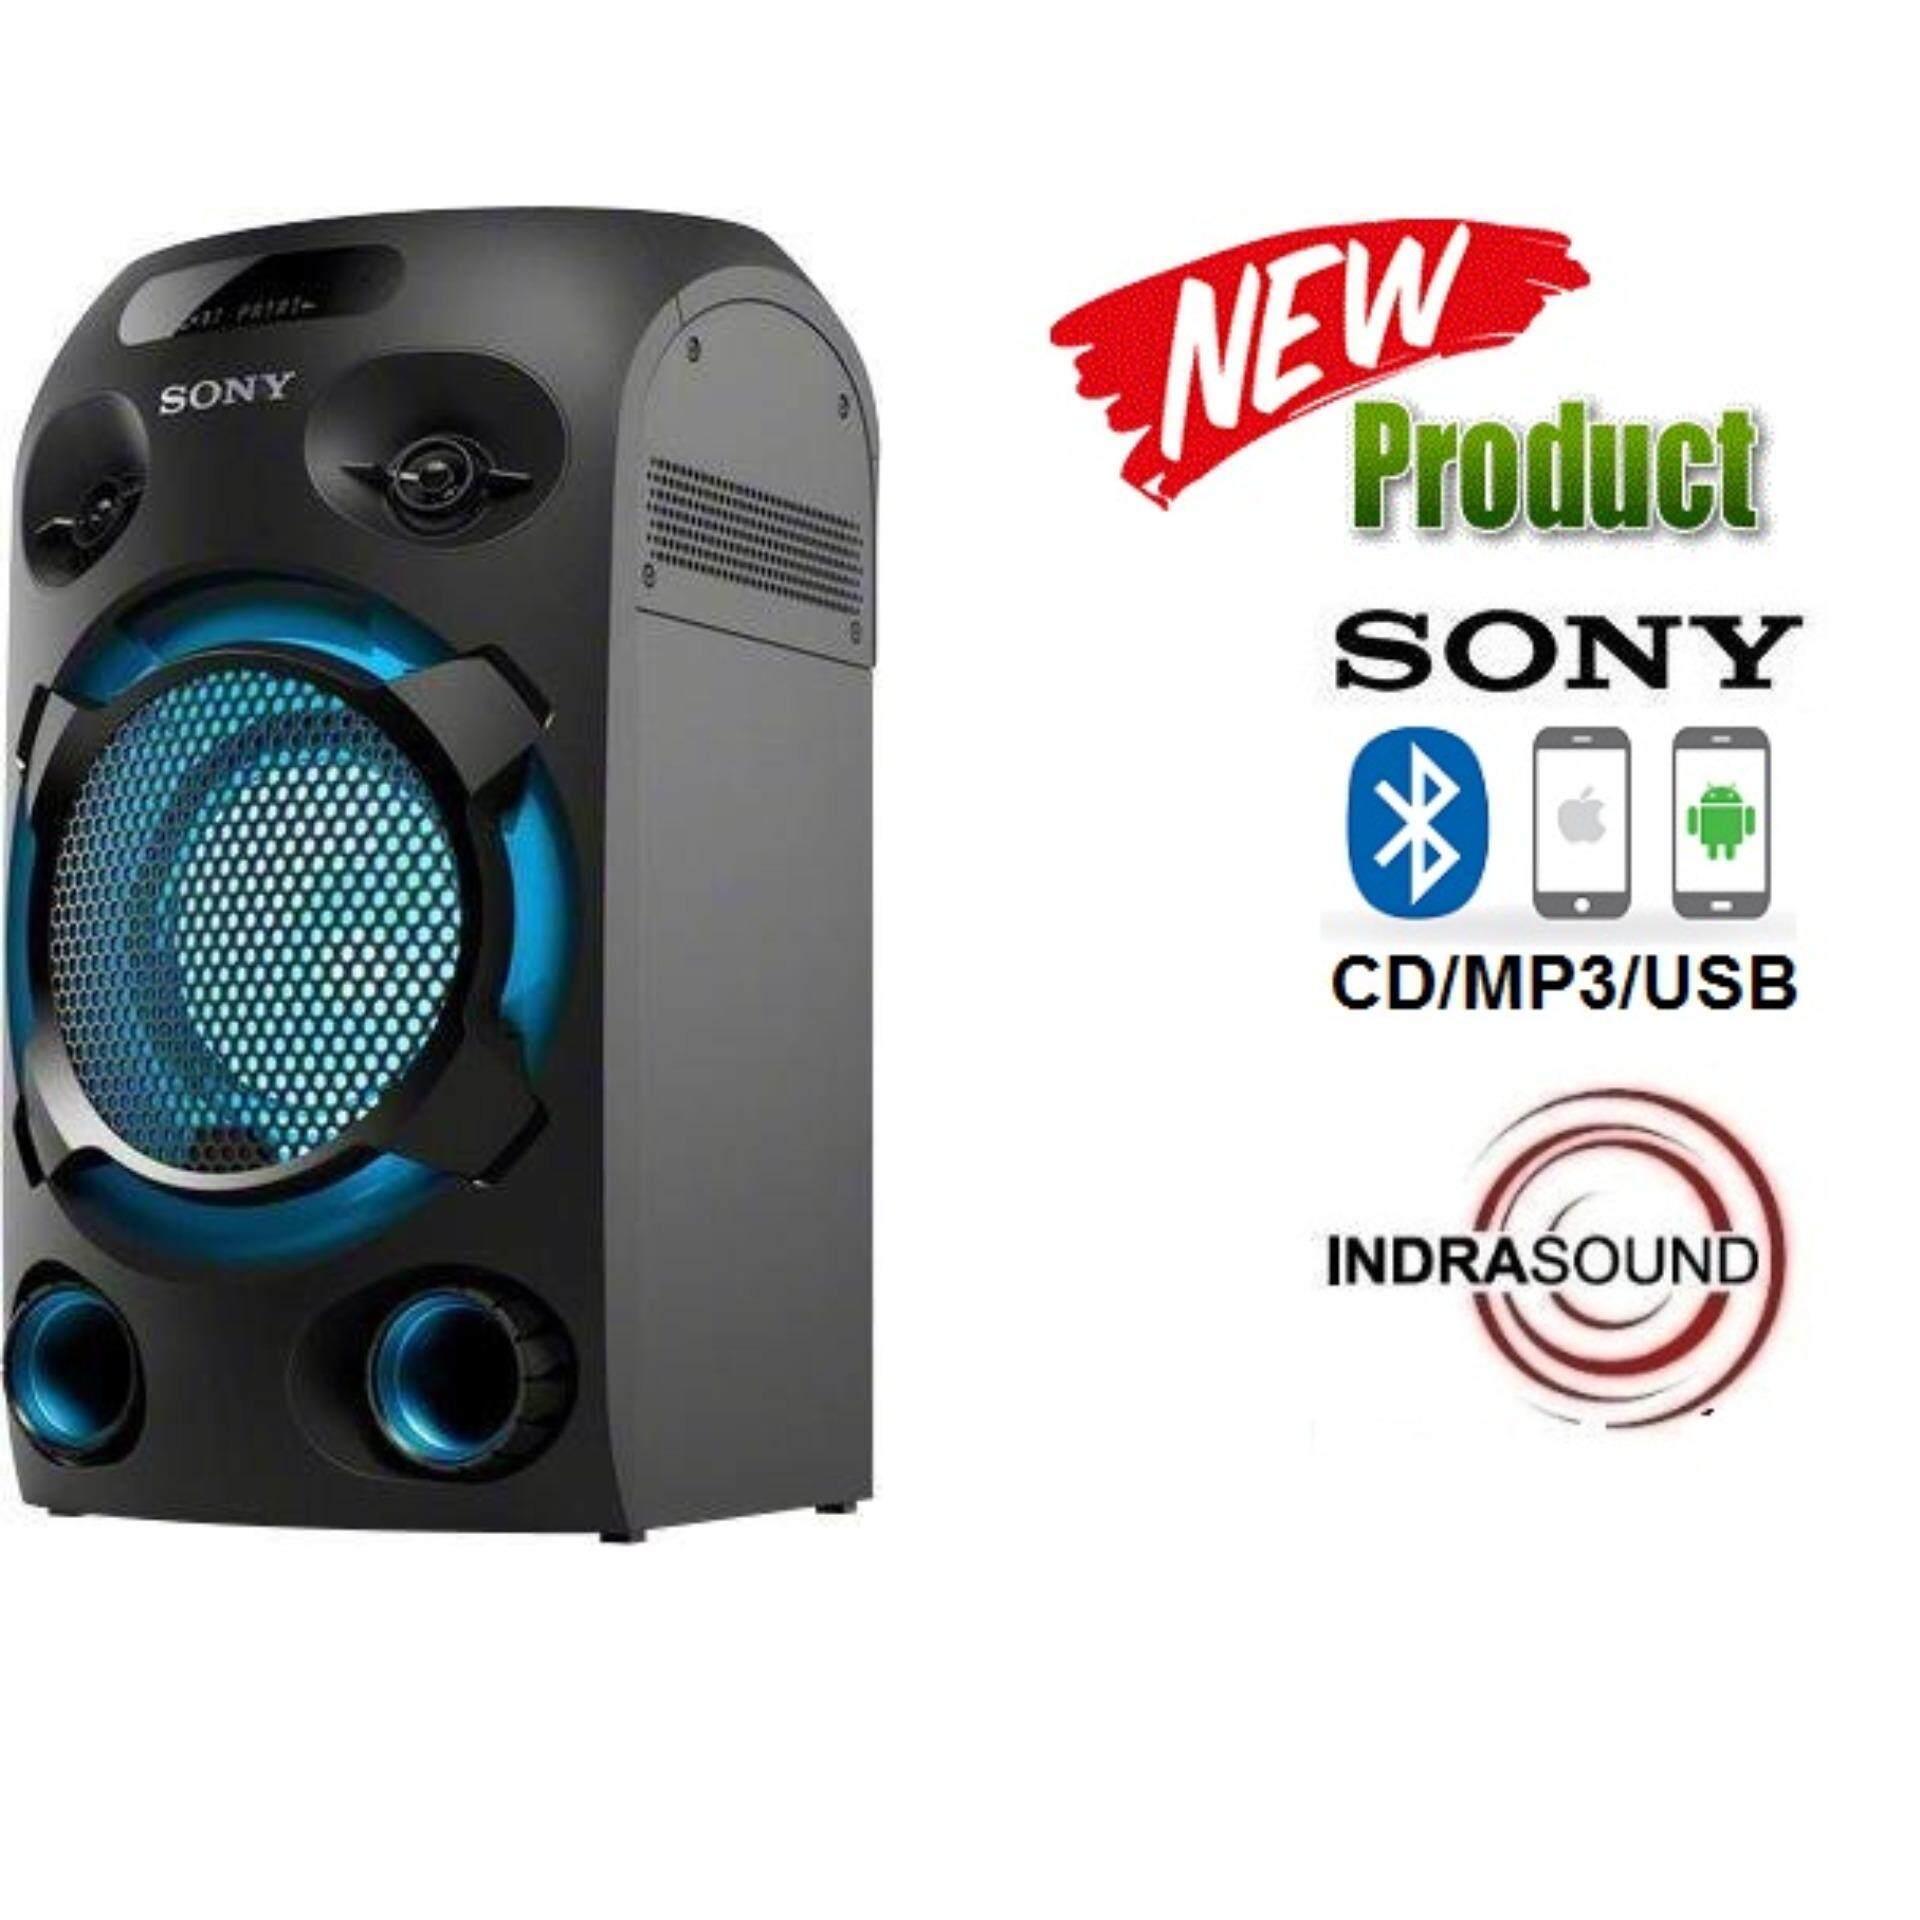 การใช้งาน  แพร่ เครื่องเสียง SONY รุ่น MHC-V02 Wireless Bluetooth® Party Speaker เล่นแผ่น CD MP3 FM 80w.